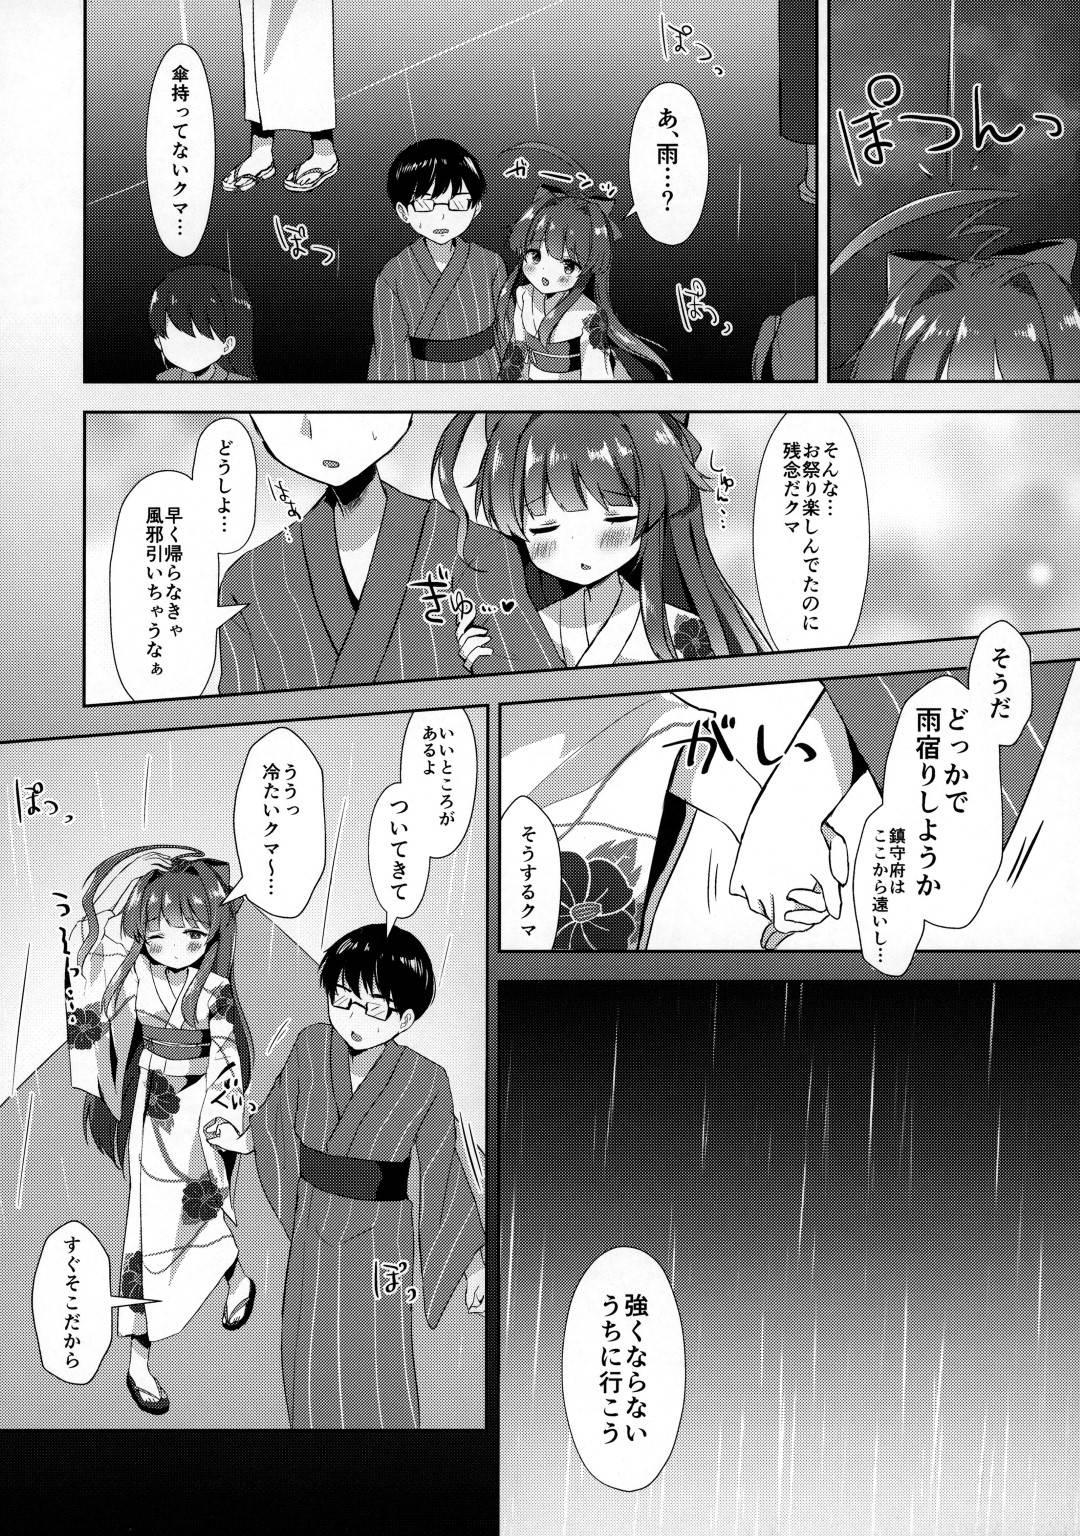 【艦これエロ漫画】浴衣姿でお祭りを楽しんでいた提督と球磨は、雨に降られてしまいラブホに避難するとイチャラブ中出しセックスでアクメする【まさよ】